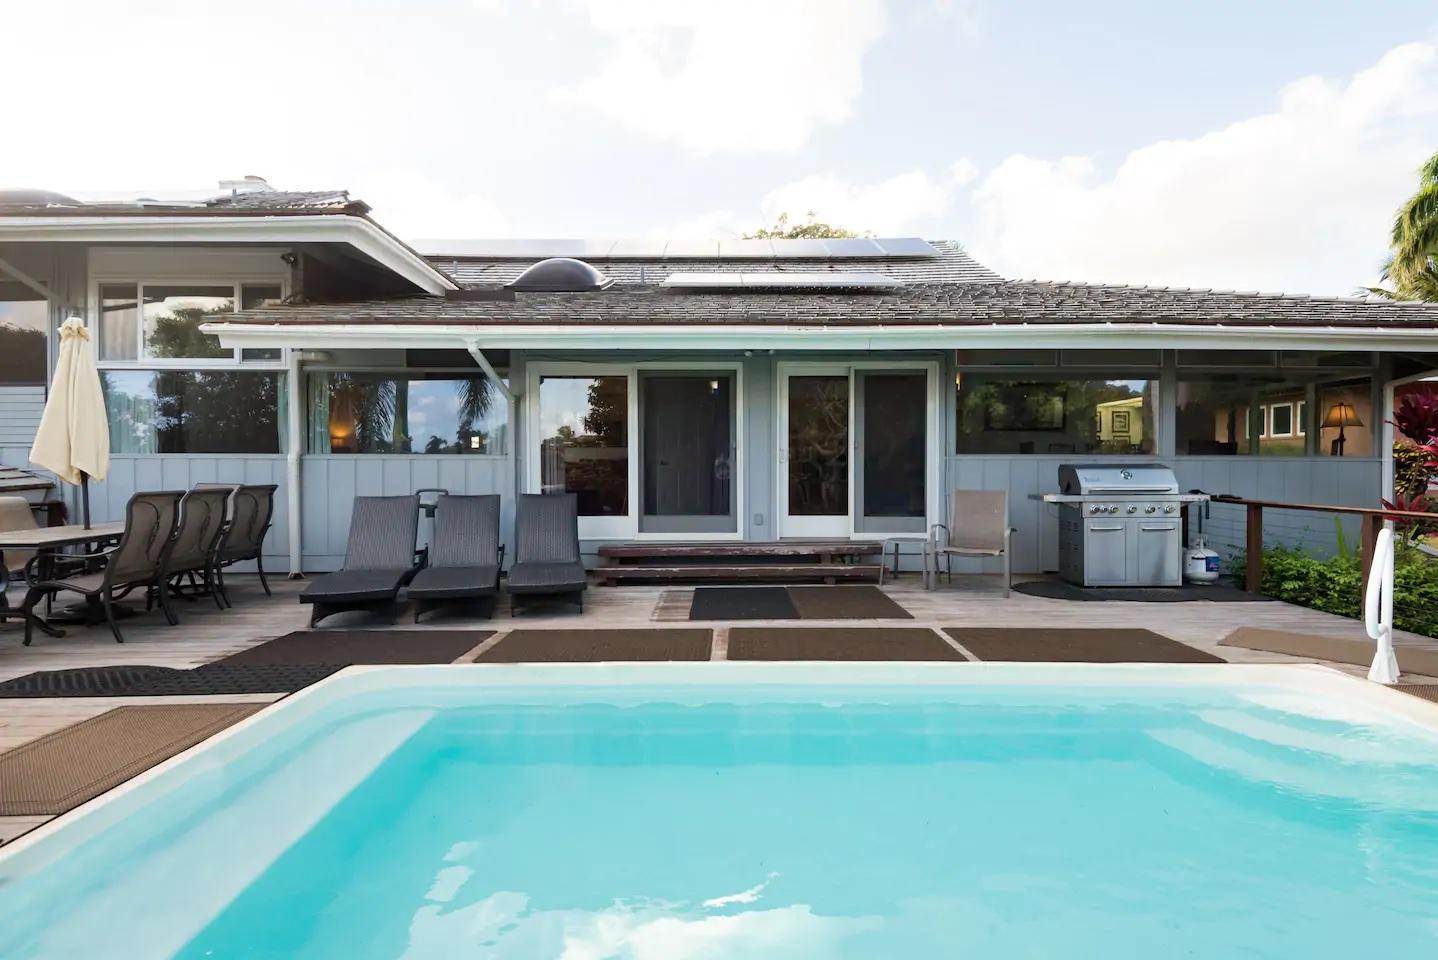 Luxury Kauai Airbnb